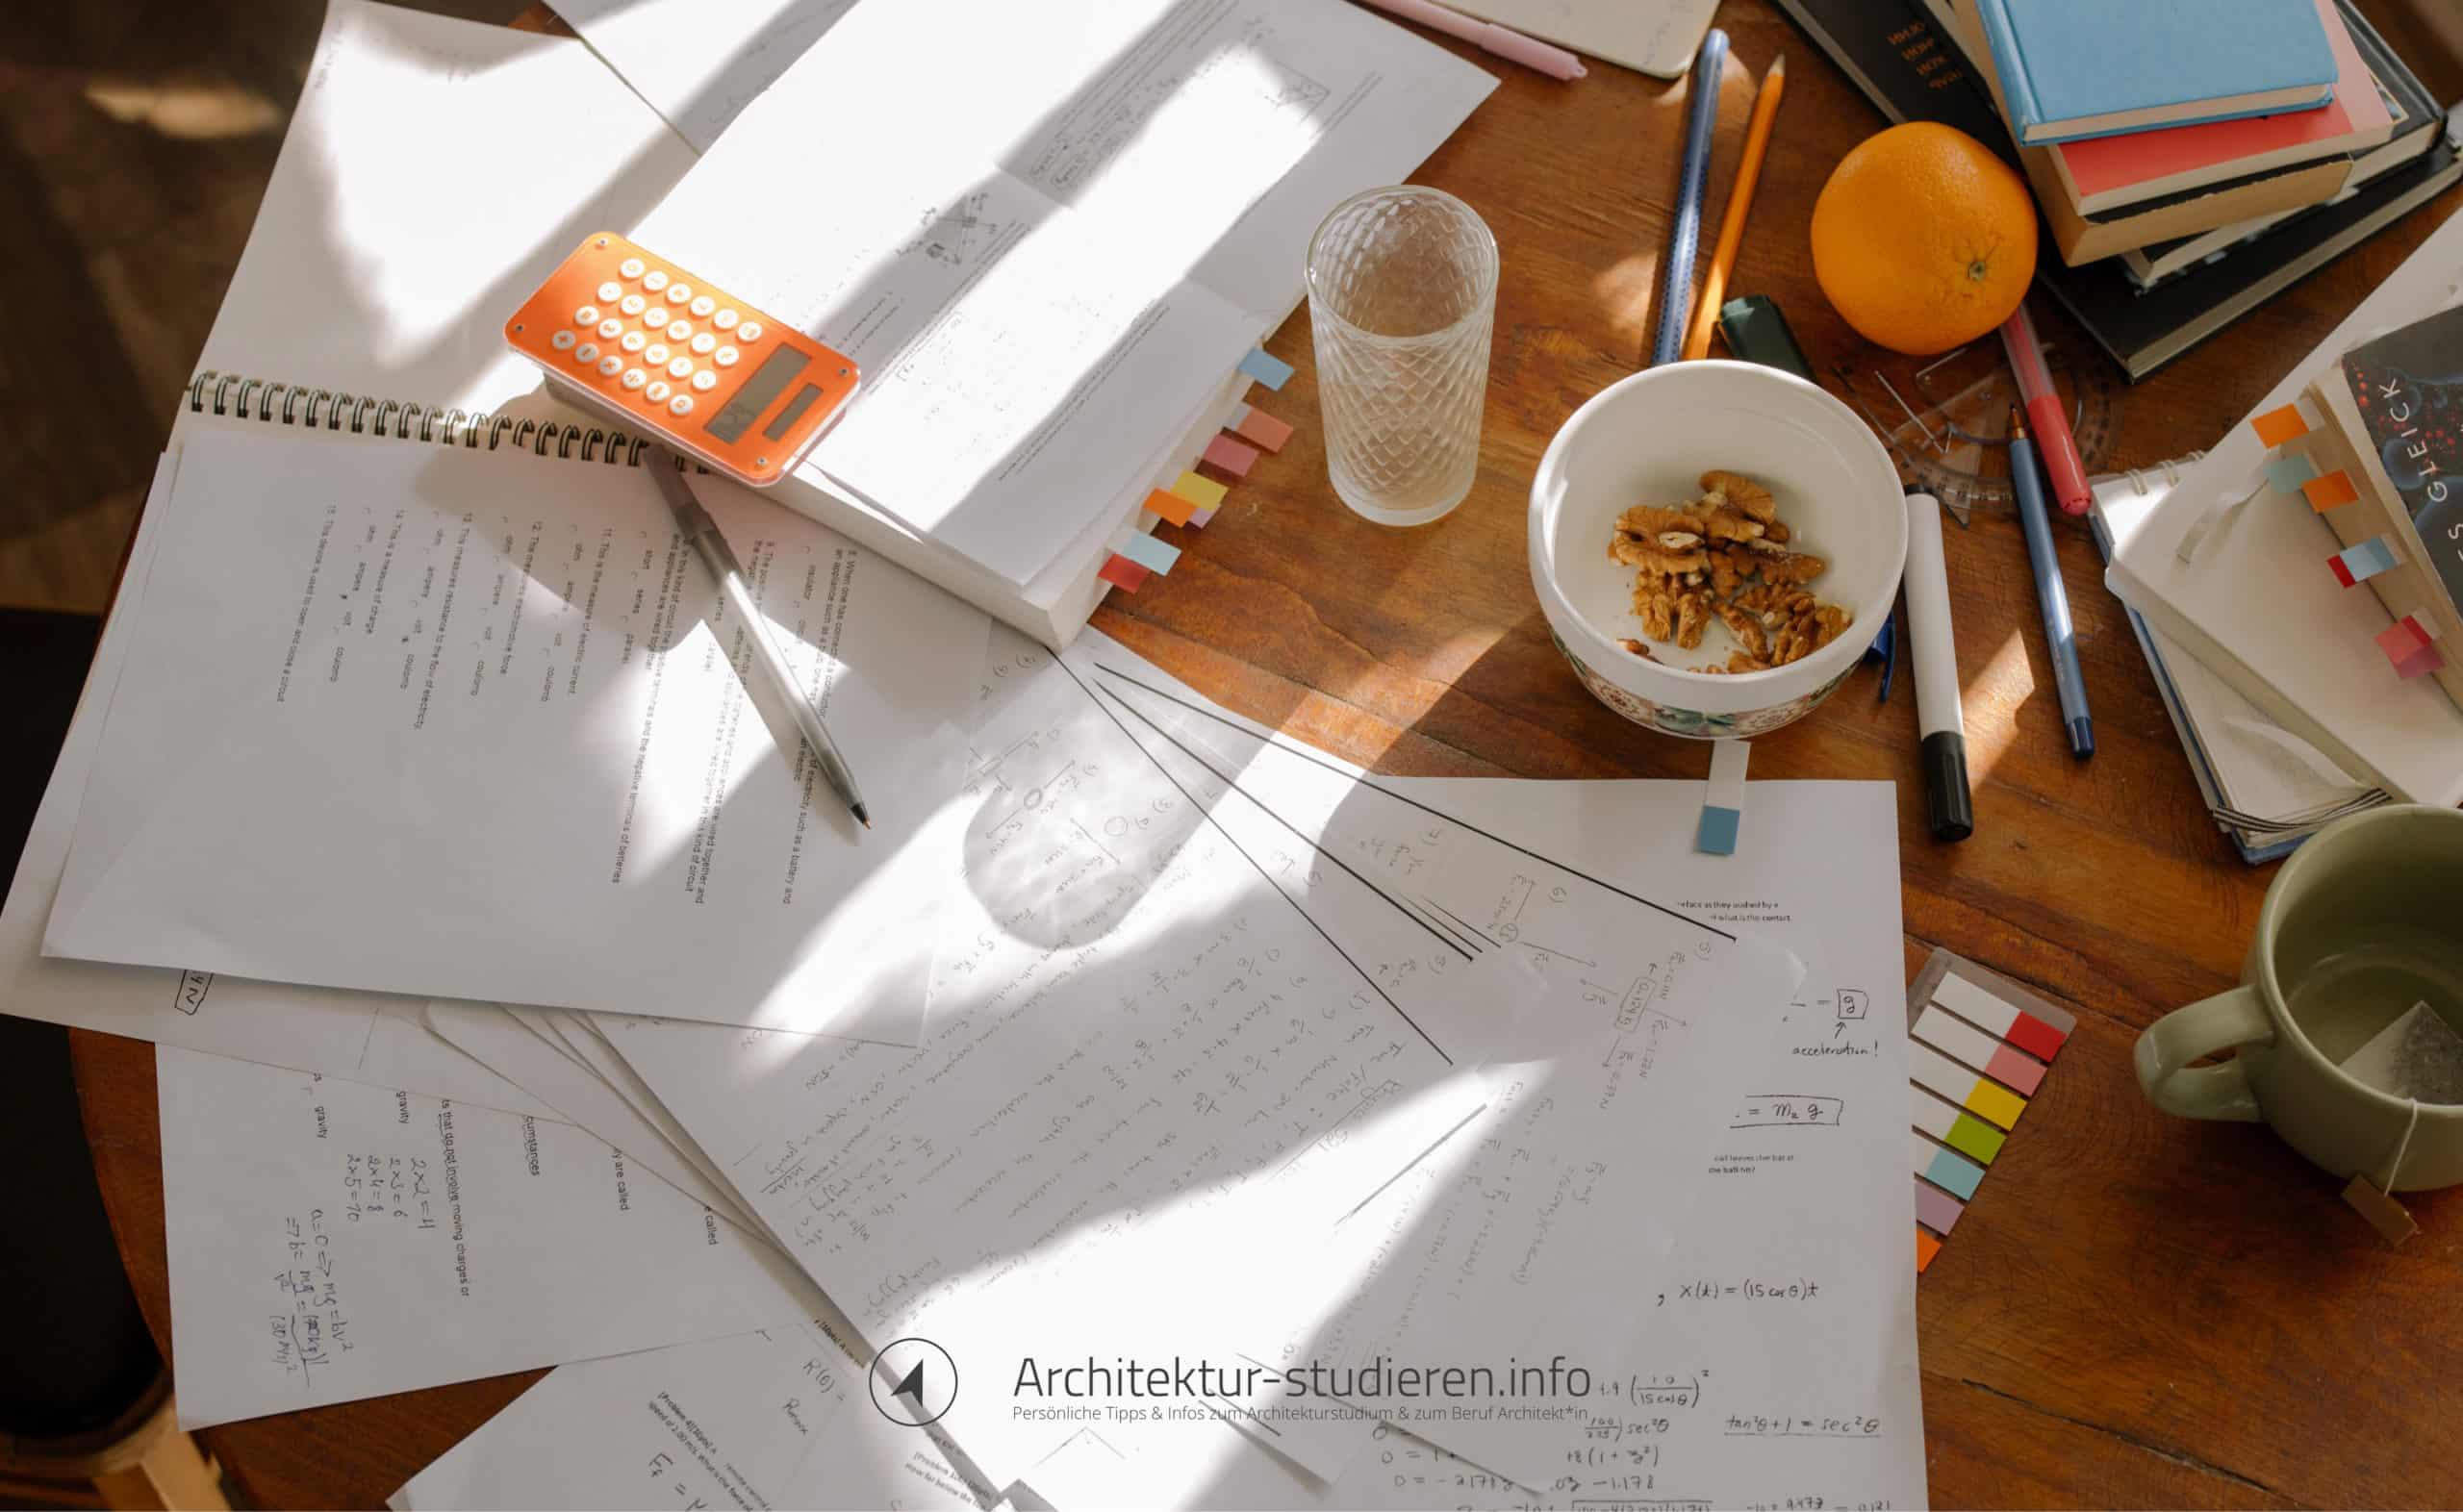 Effektive Last Minute Prüfungsvorbereitung im Architekturstudium | Anett Ring, Architektur-studieren.info